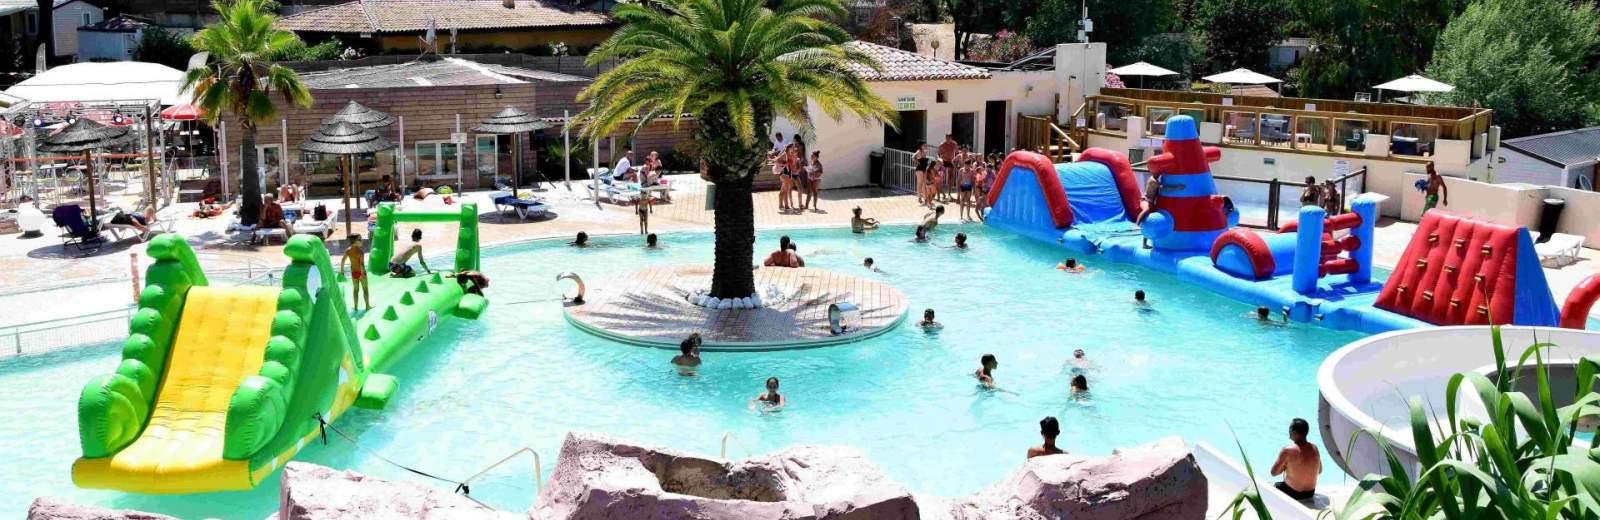 Avec sa pataugeoire et ses toboggans, la piscine du camping 3* Site de Gorge Vent est parfaitement adaptée pour les enfants